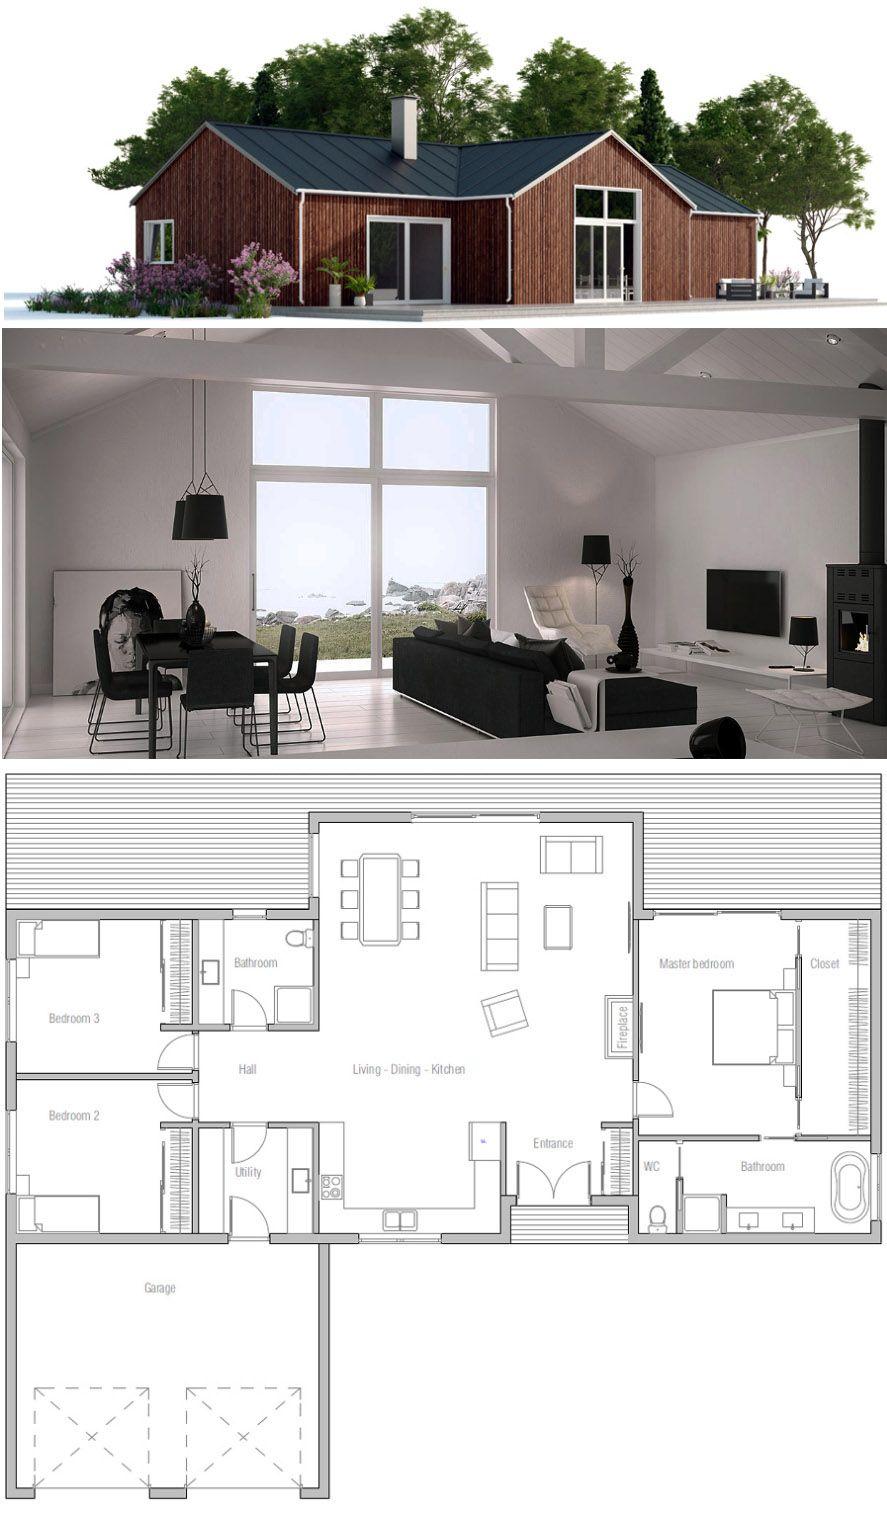 House plan design floor floorplans homeplans interiordesign also rh pinterest